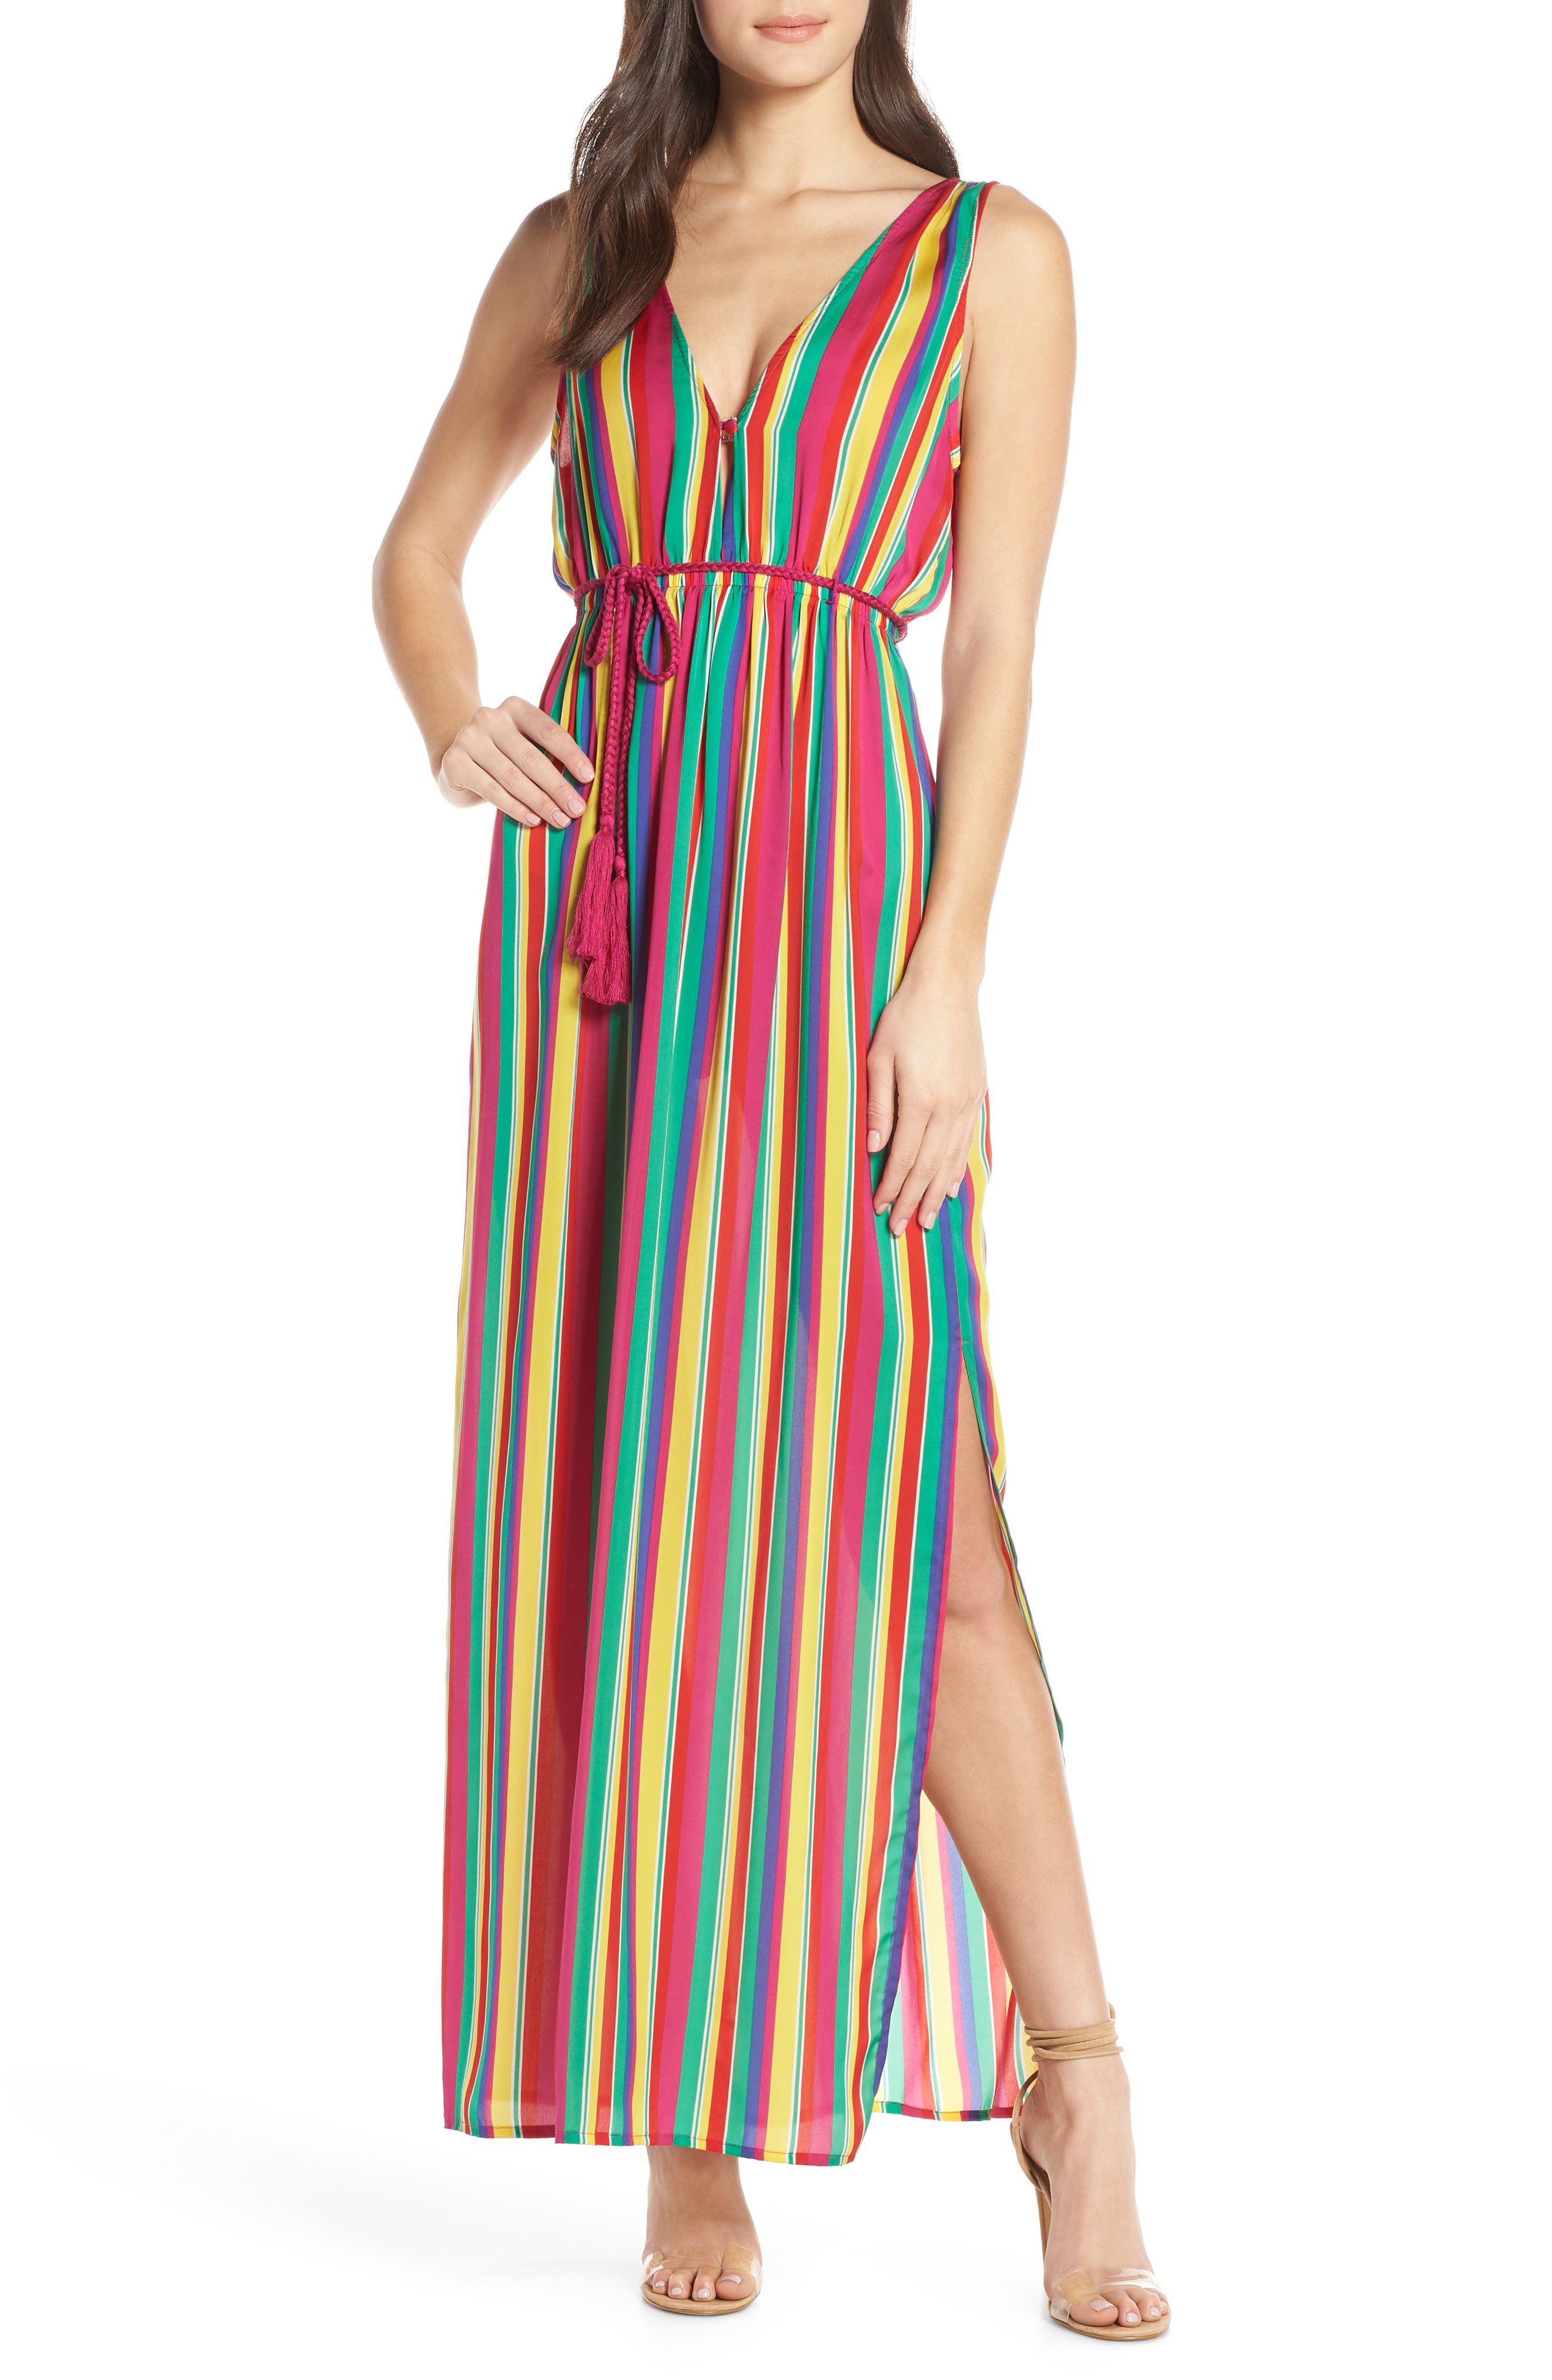 Bb Dakota N The Rainbows Stripe Maxi Dress, Pink